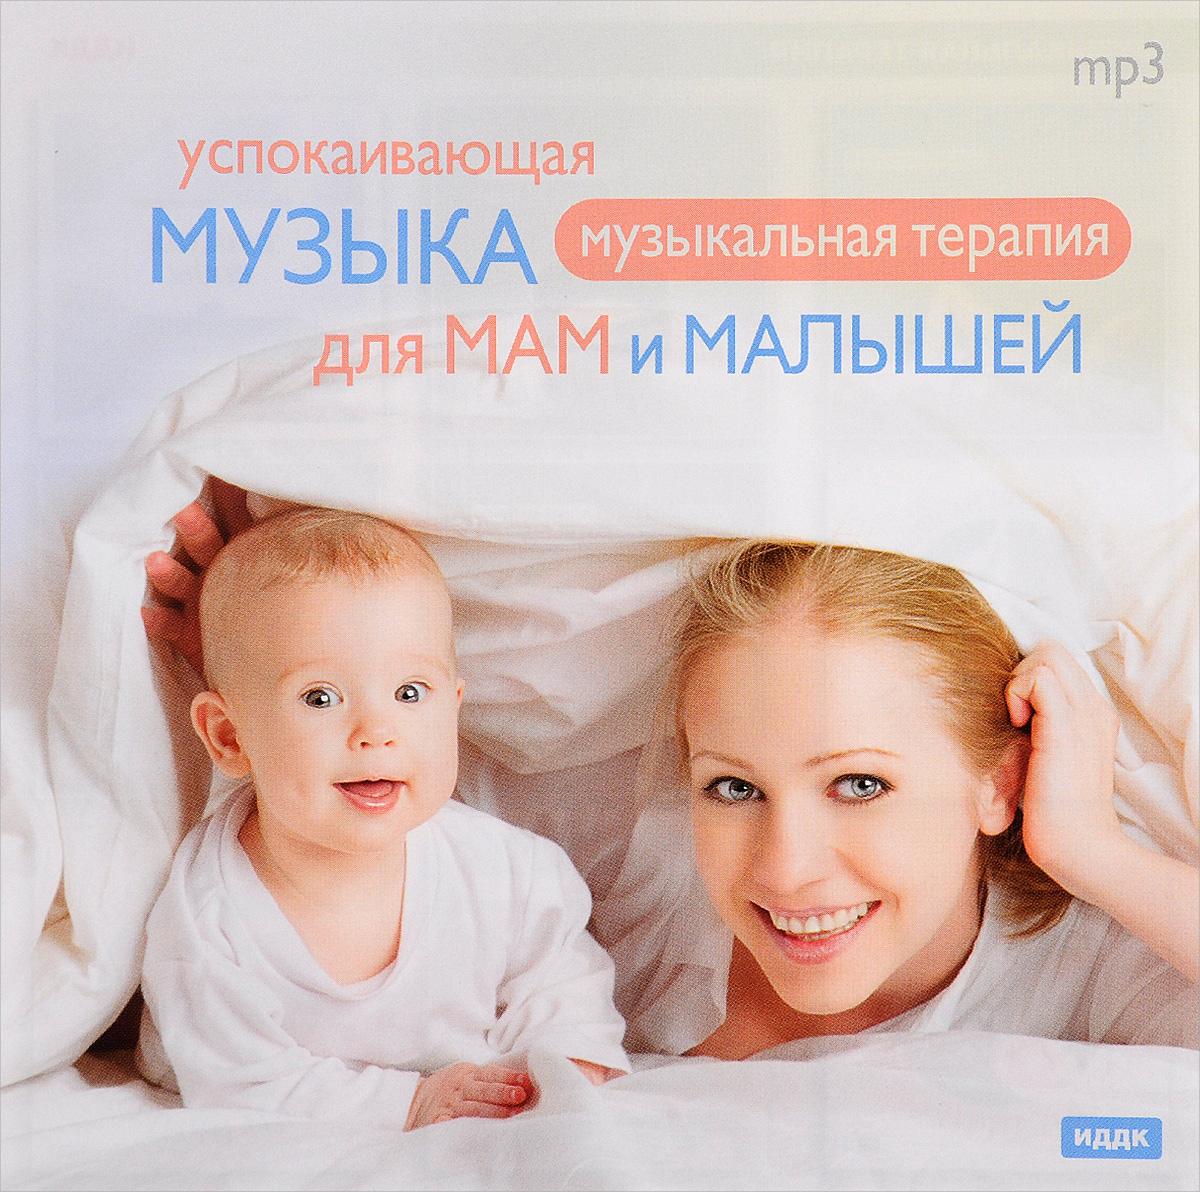 Zakazat.ru Музыкальная терапия. Успокаивающая музыка для мам и малышей (mp3)